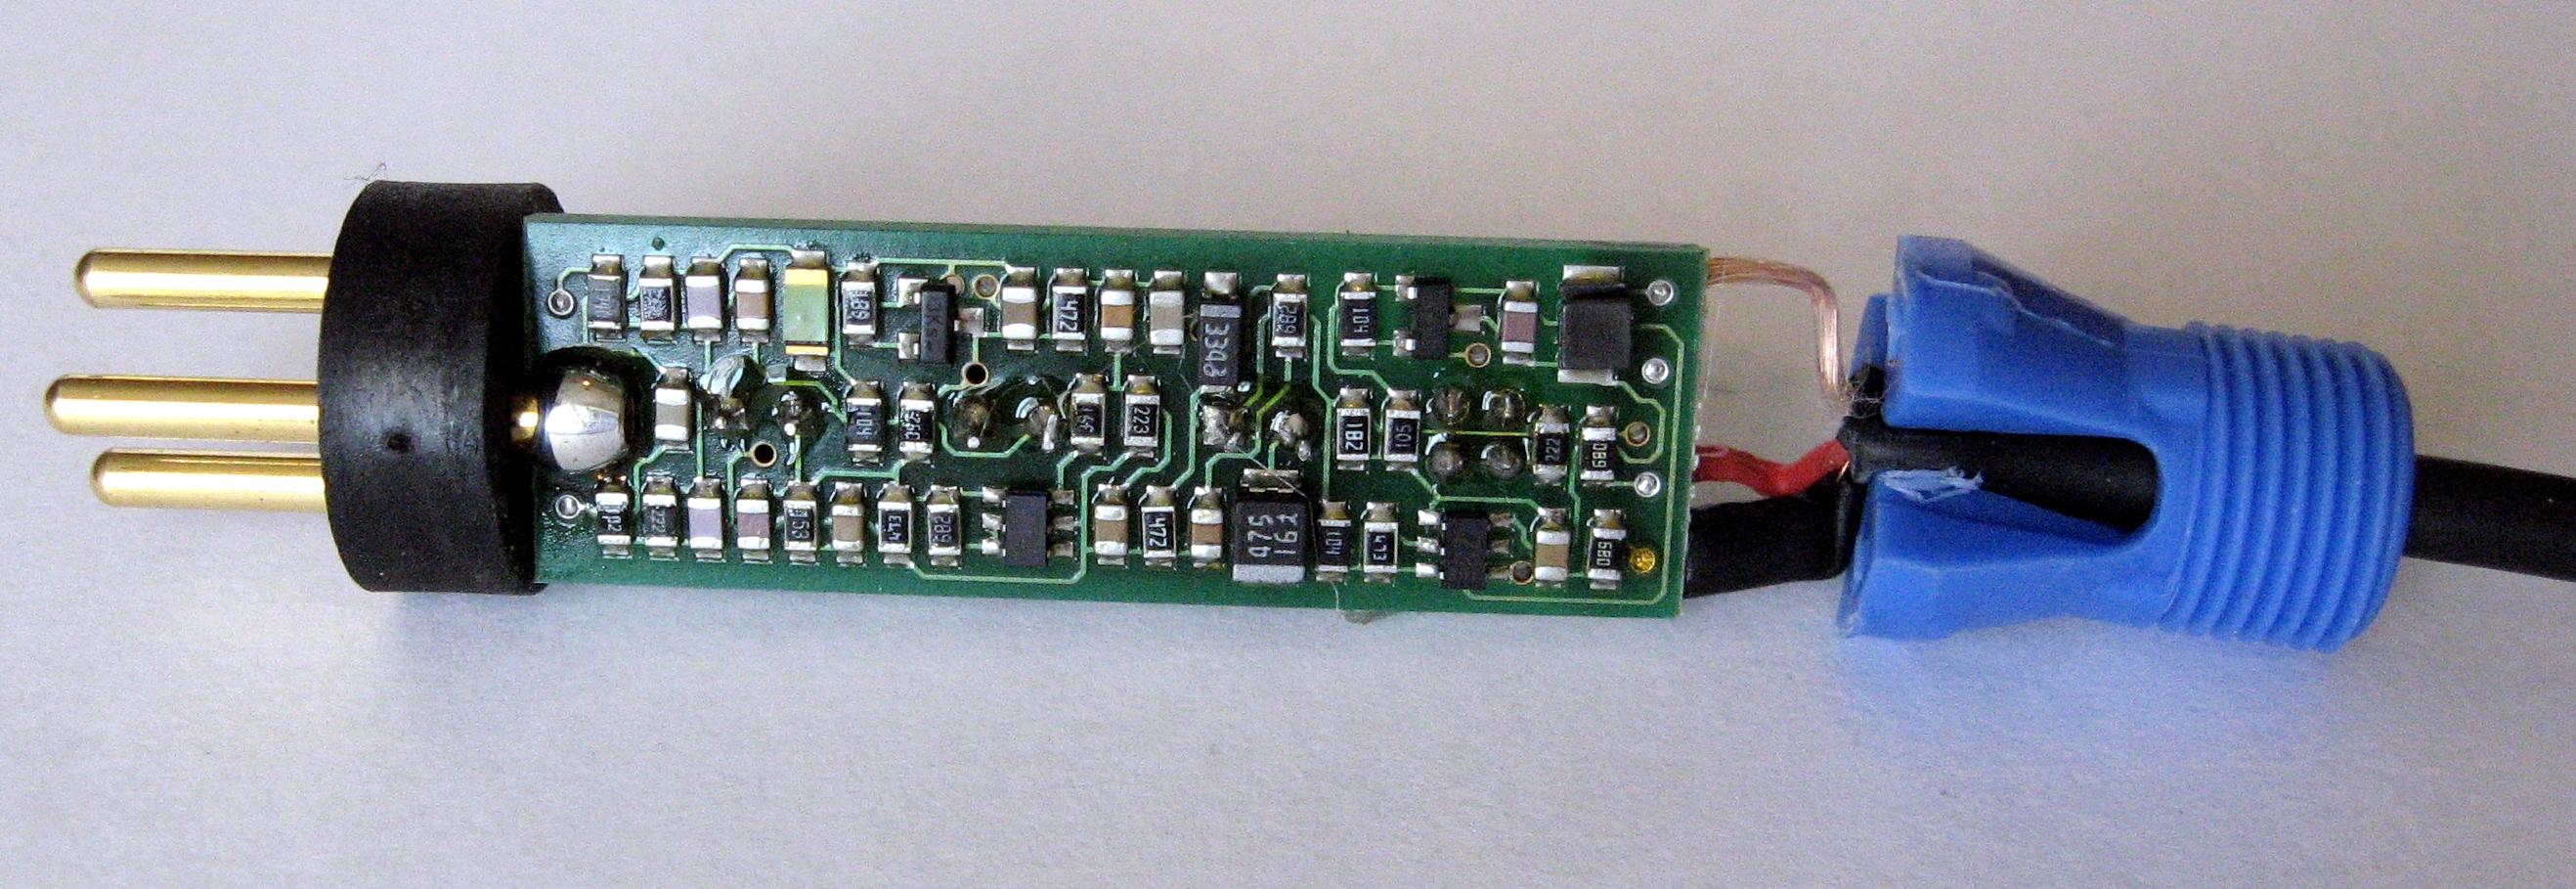 akg sr40 mini pro manual